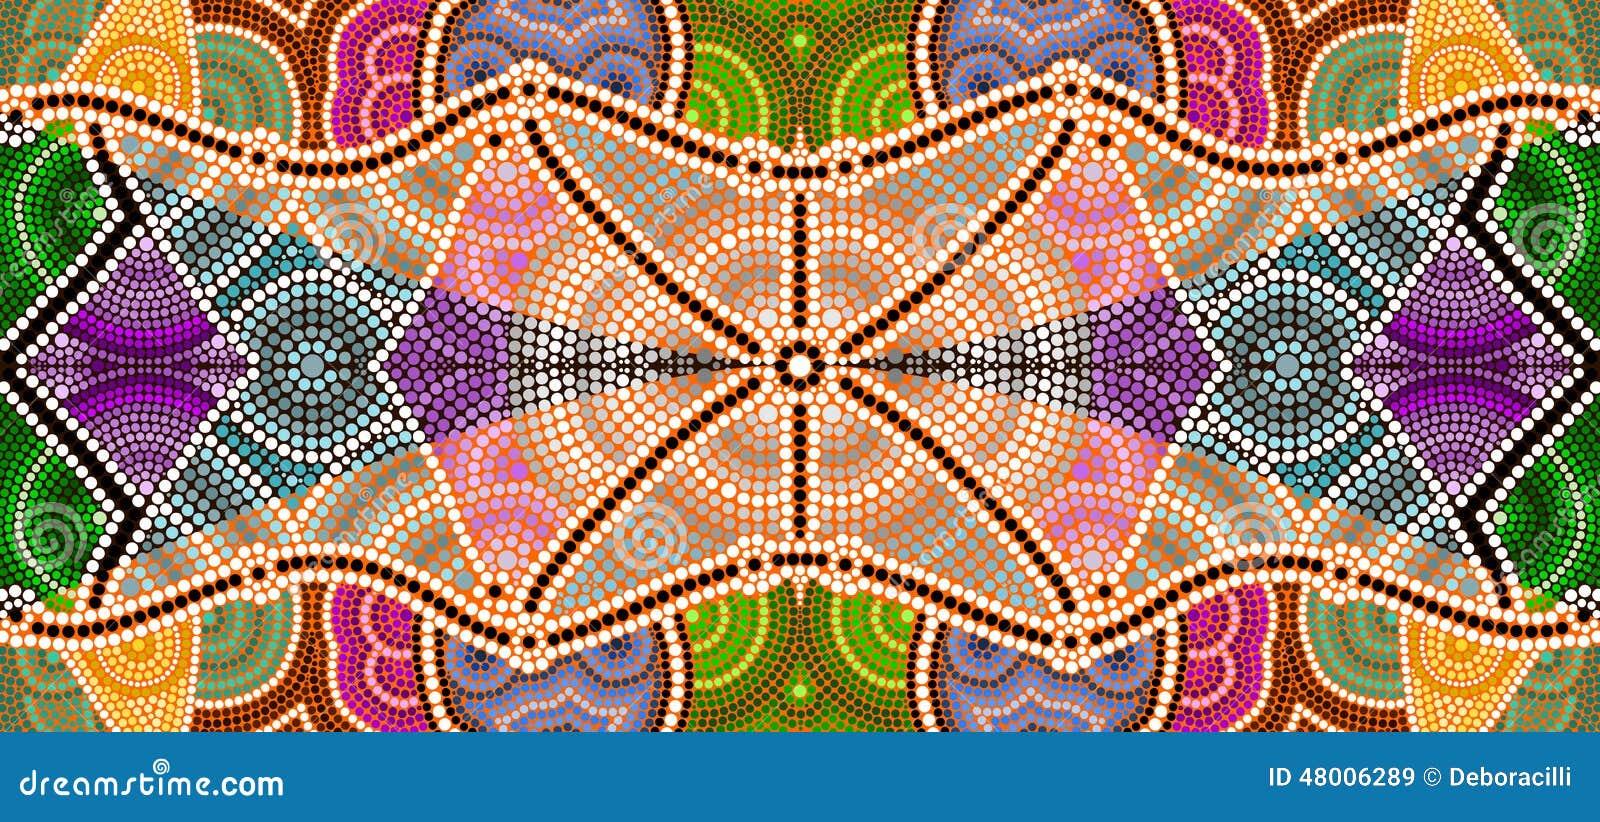 Een illustratie die op inheemse stijl van punt het schilderen depicti wordt gebaseerd